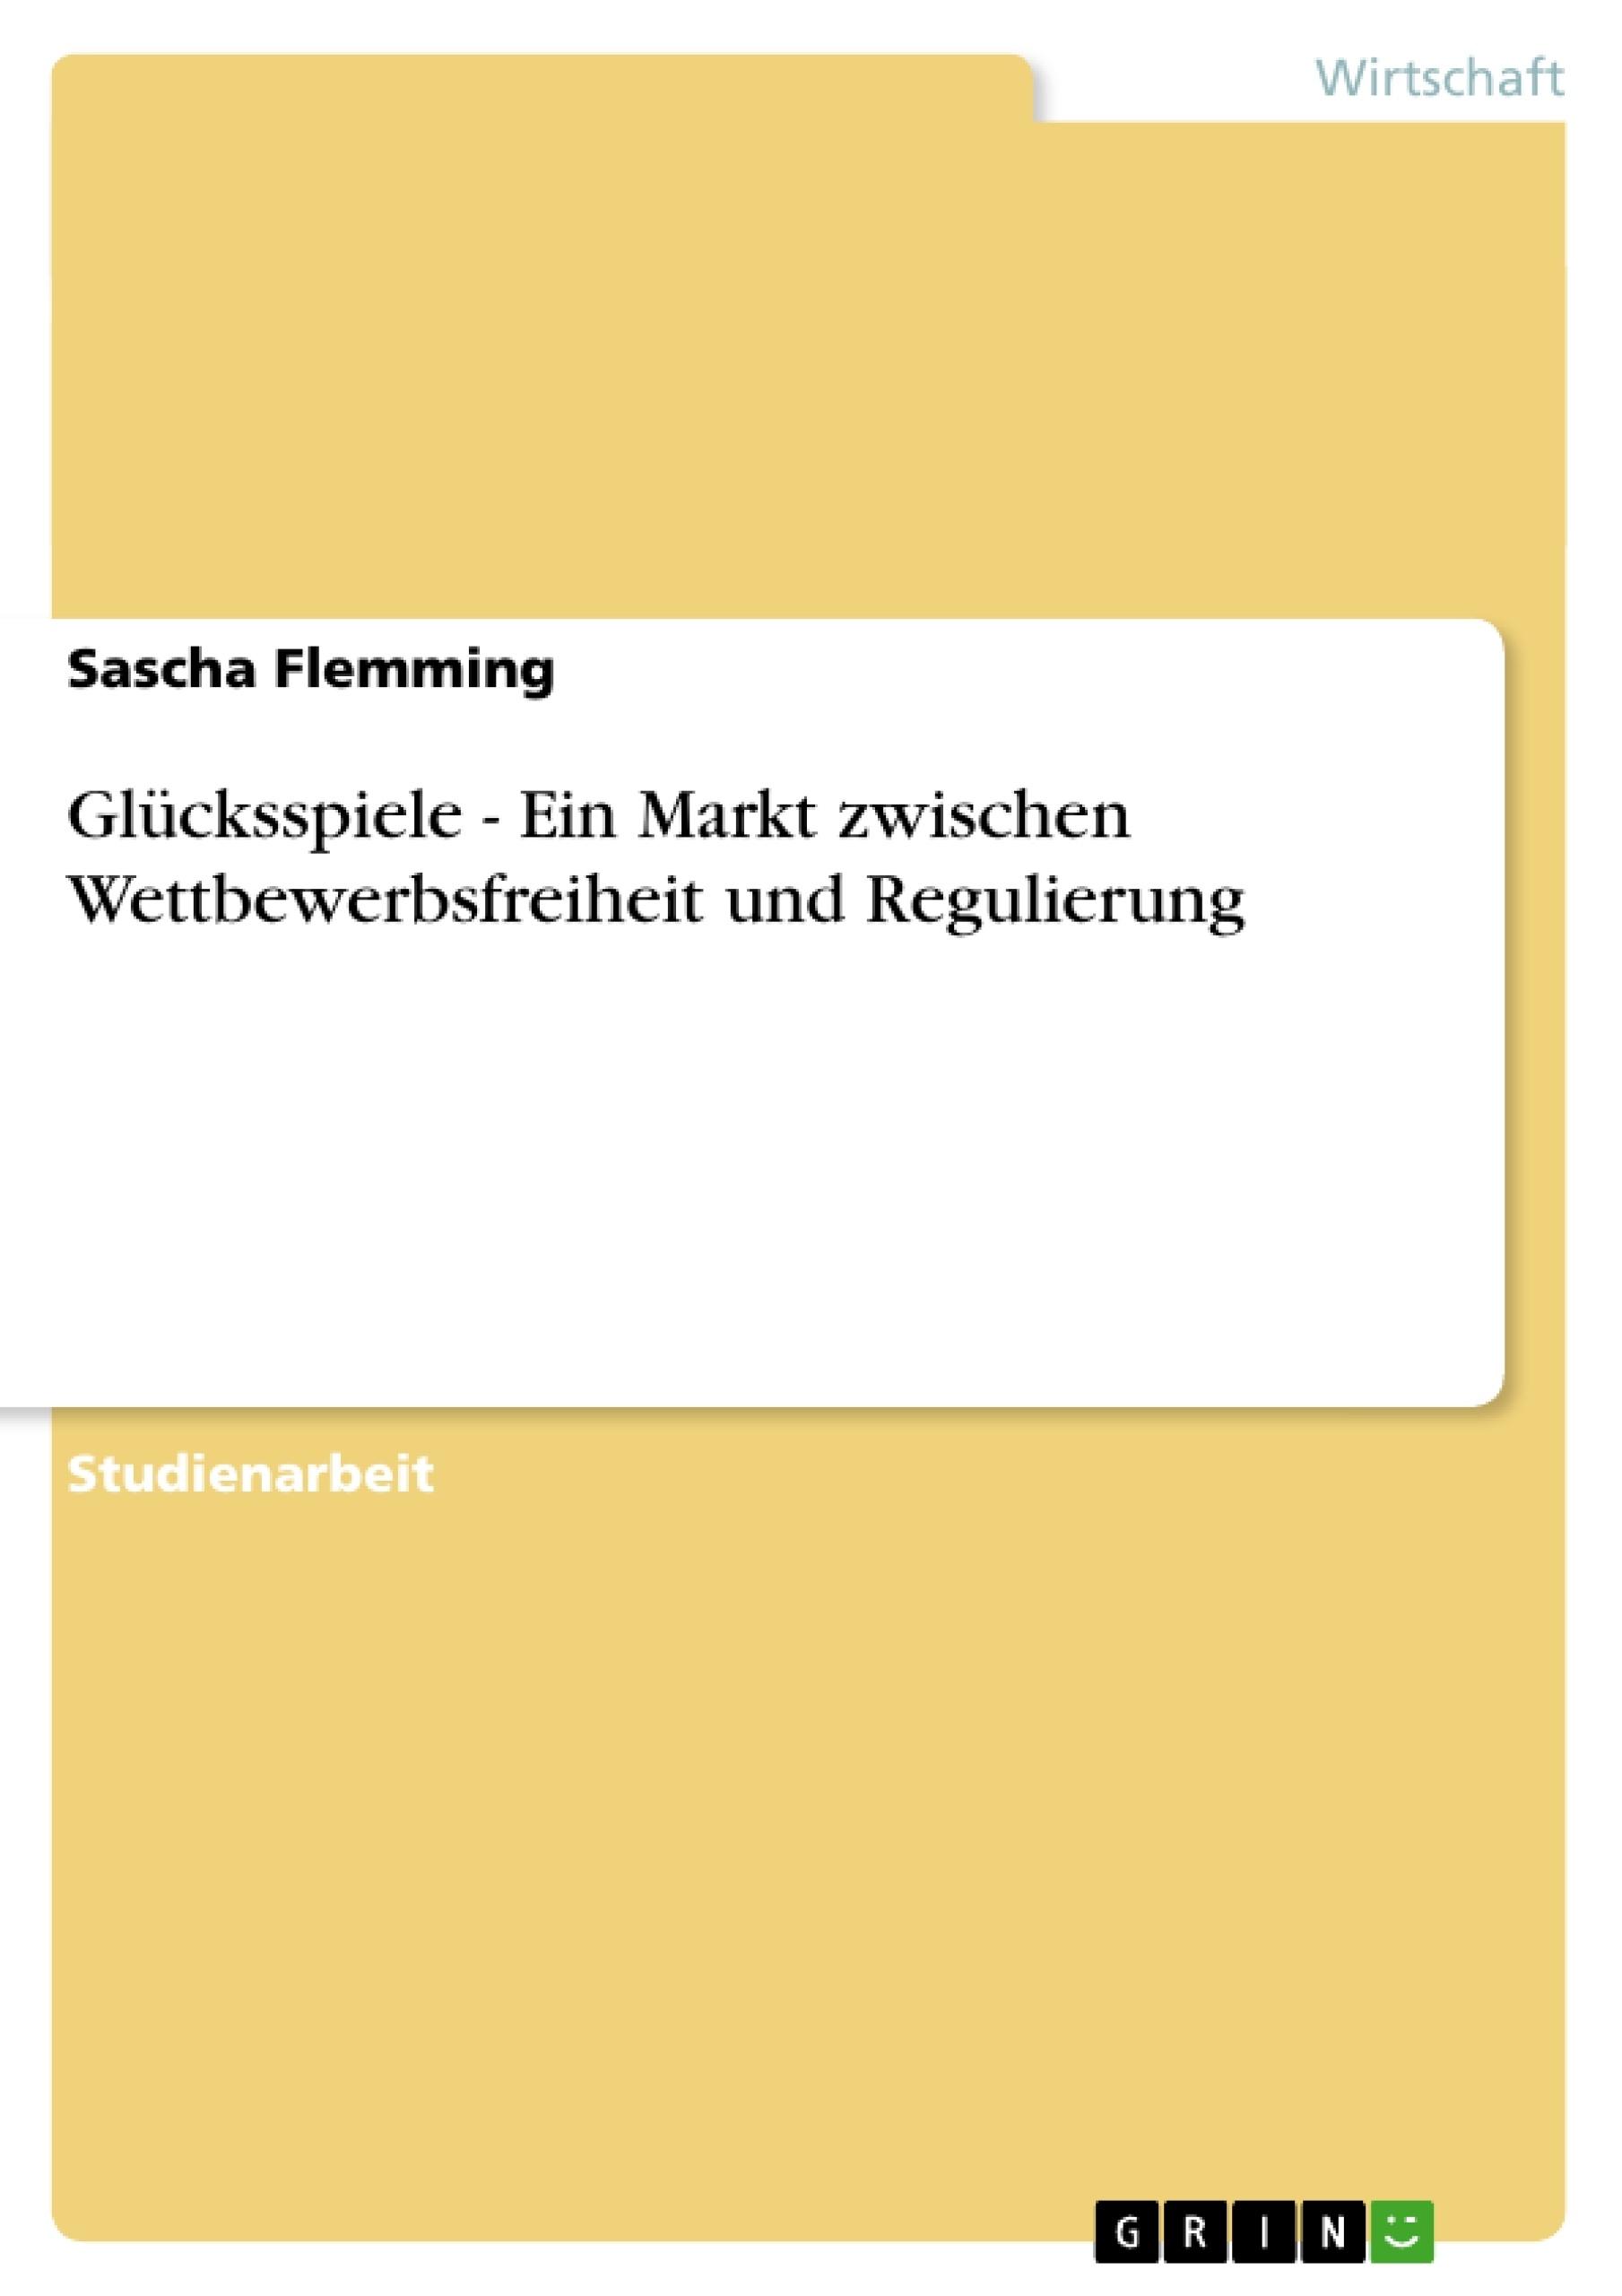 Titel: Glücksspiele - Ein Markt zwischen Wettbewerbsfreiheit und Regulierung